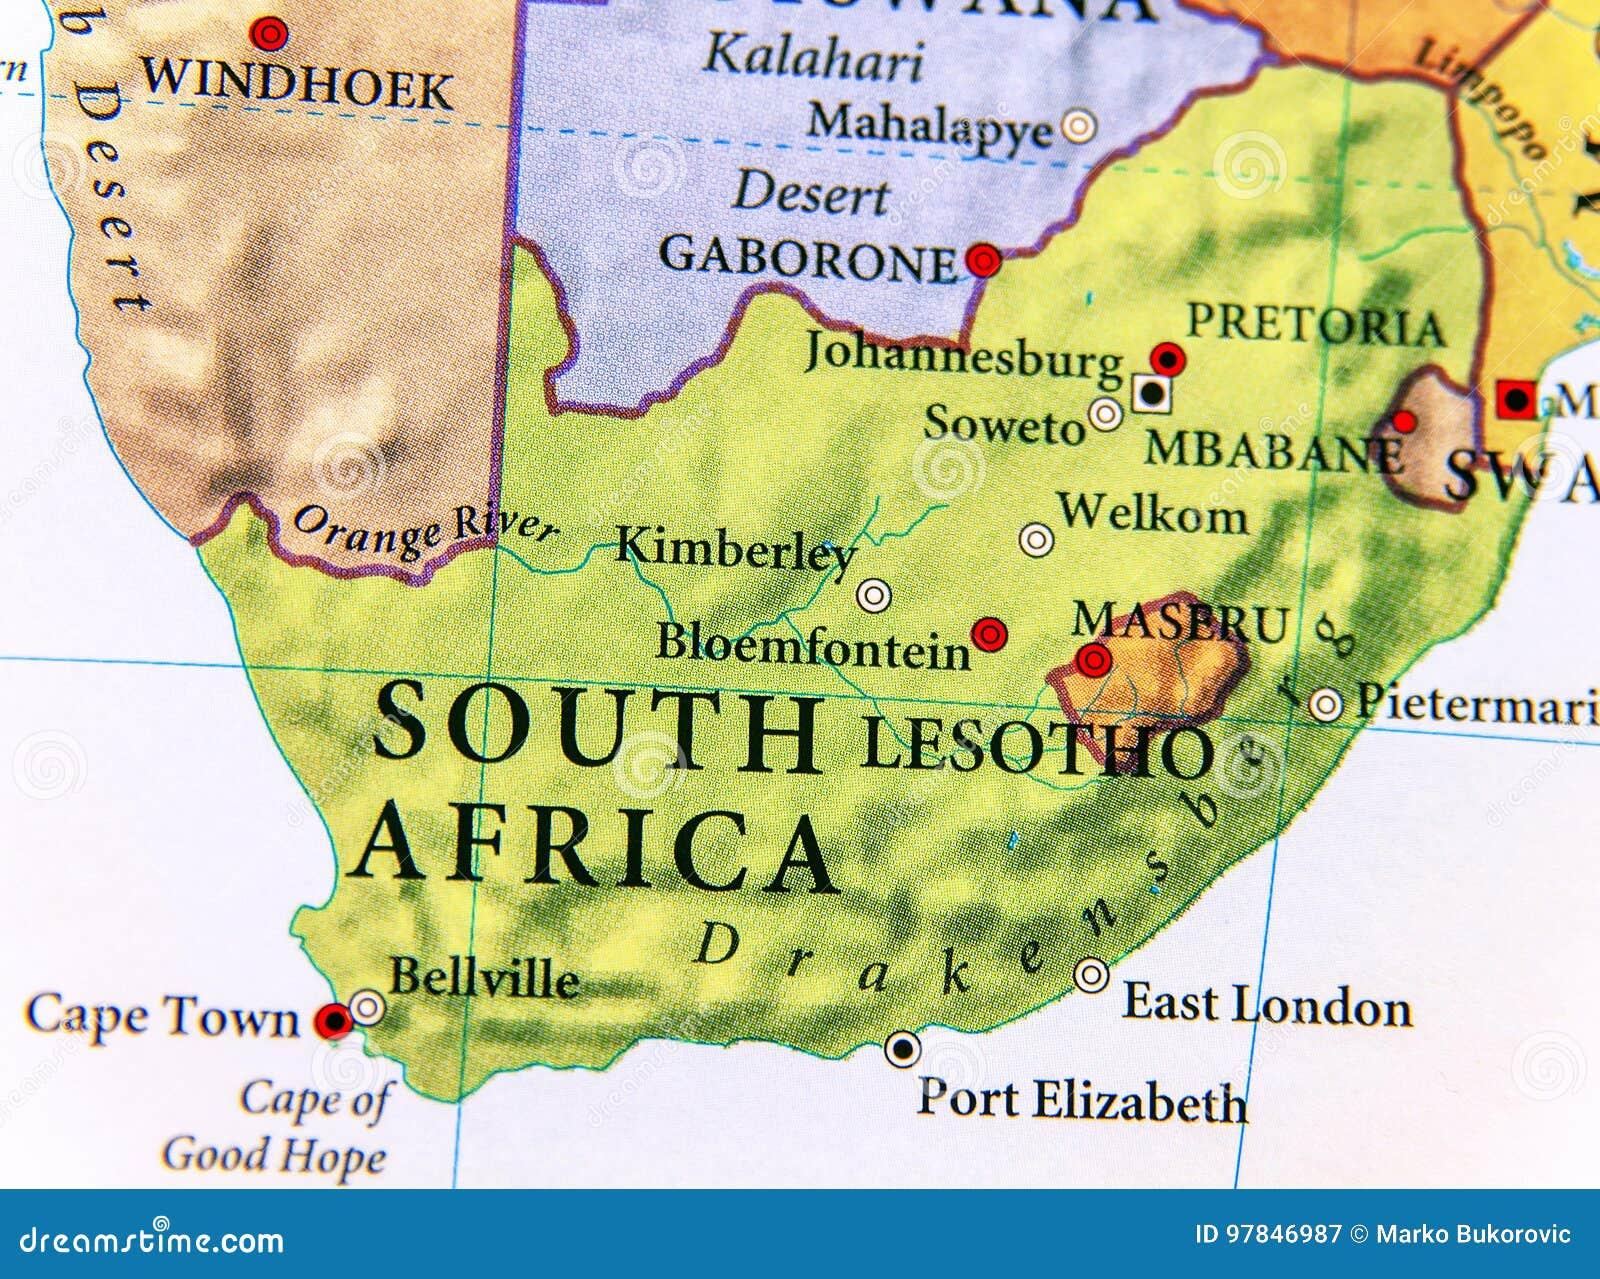 Carte De Lafrique Du Sud Avec Les Villes.Carte Geographique De L Afrique Du Sud Avec Les Villes